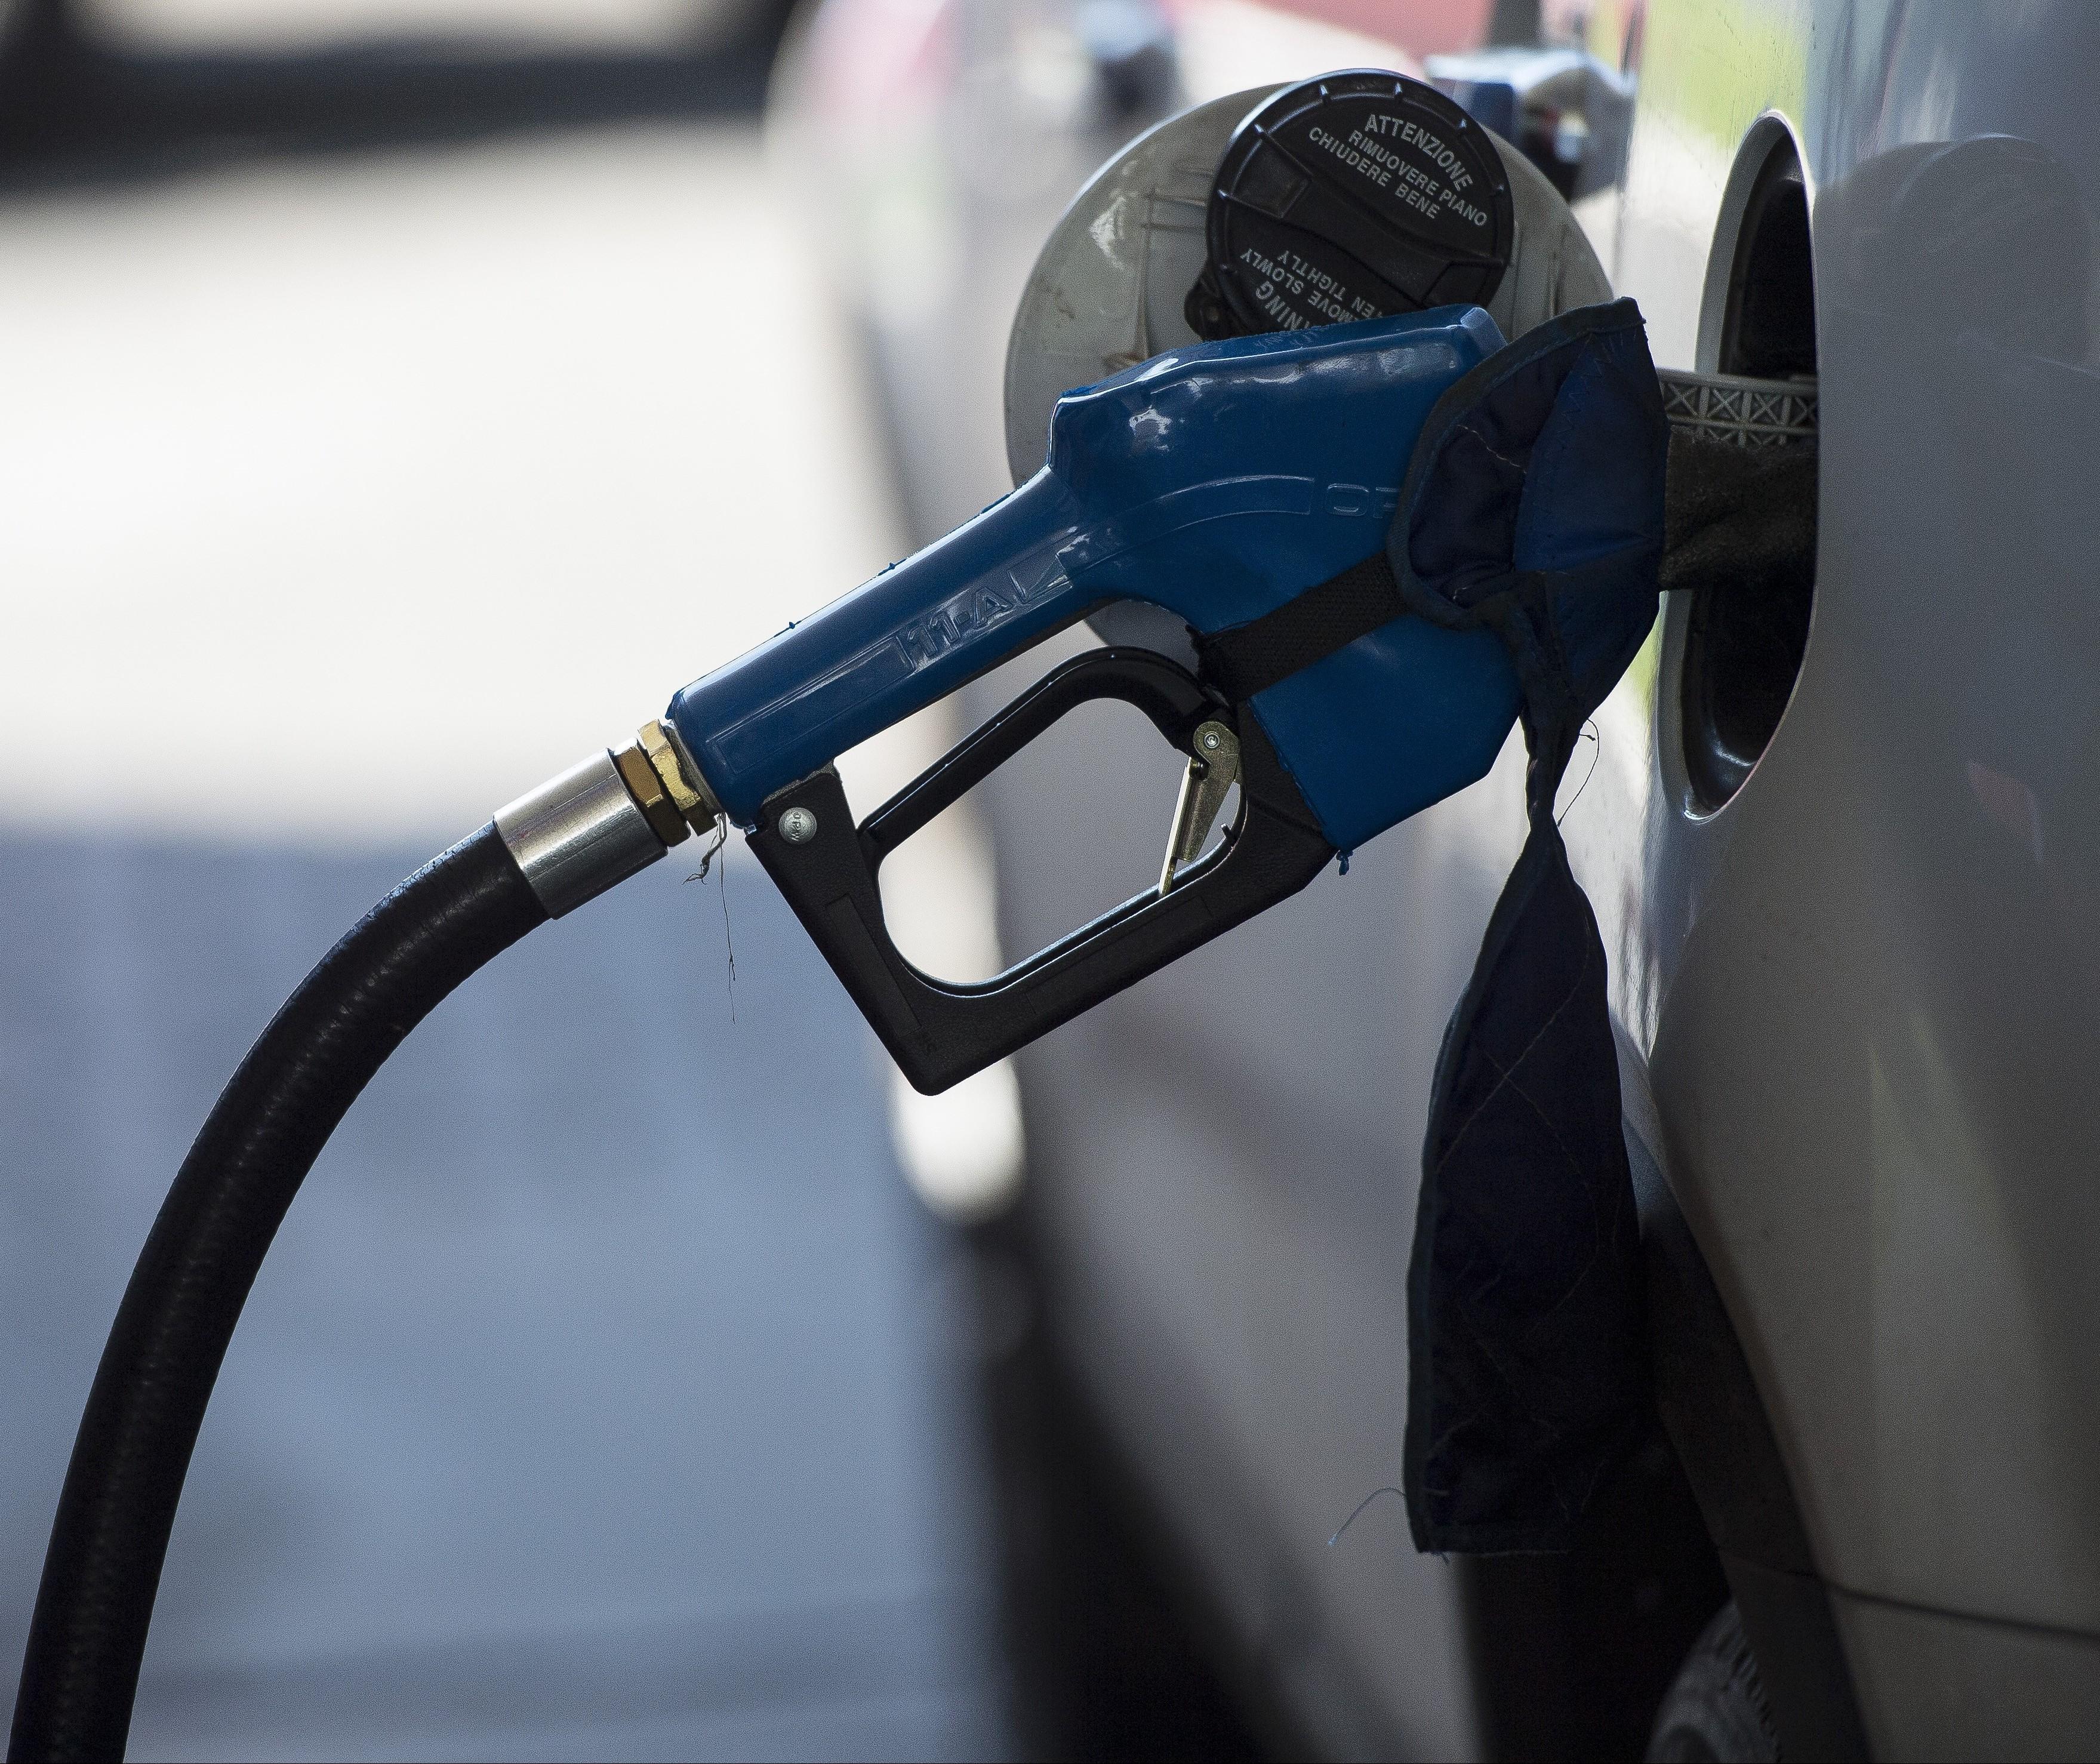 Variação no preço do combustível, qual é a lógica?